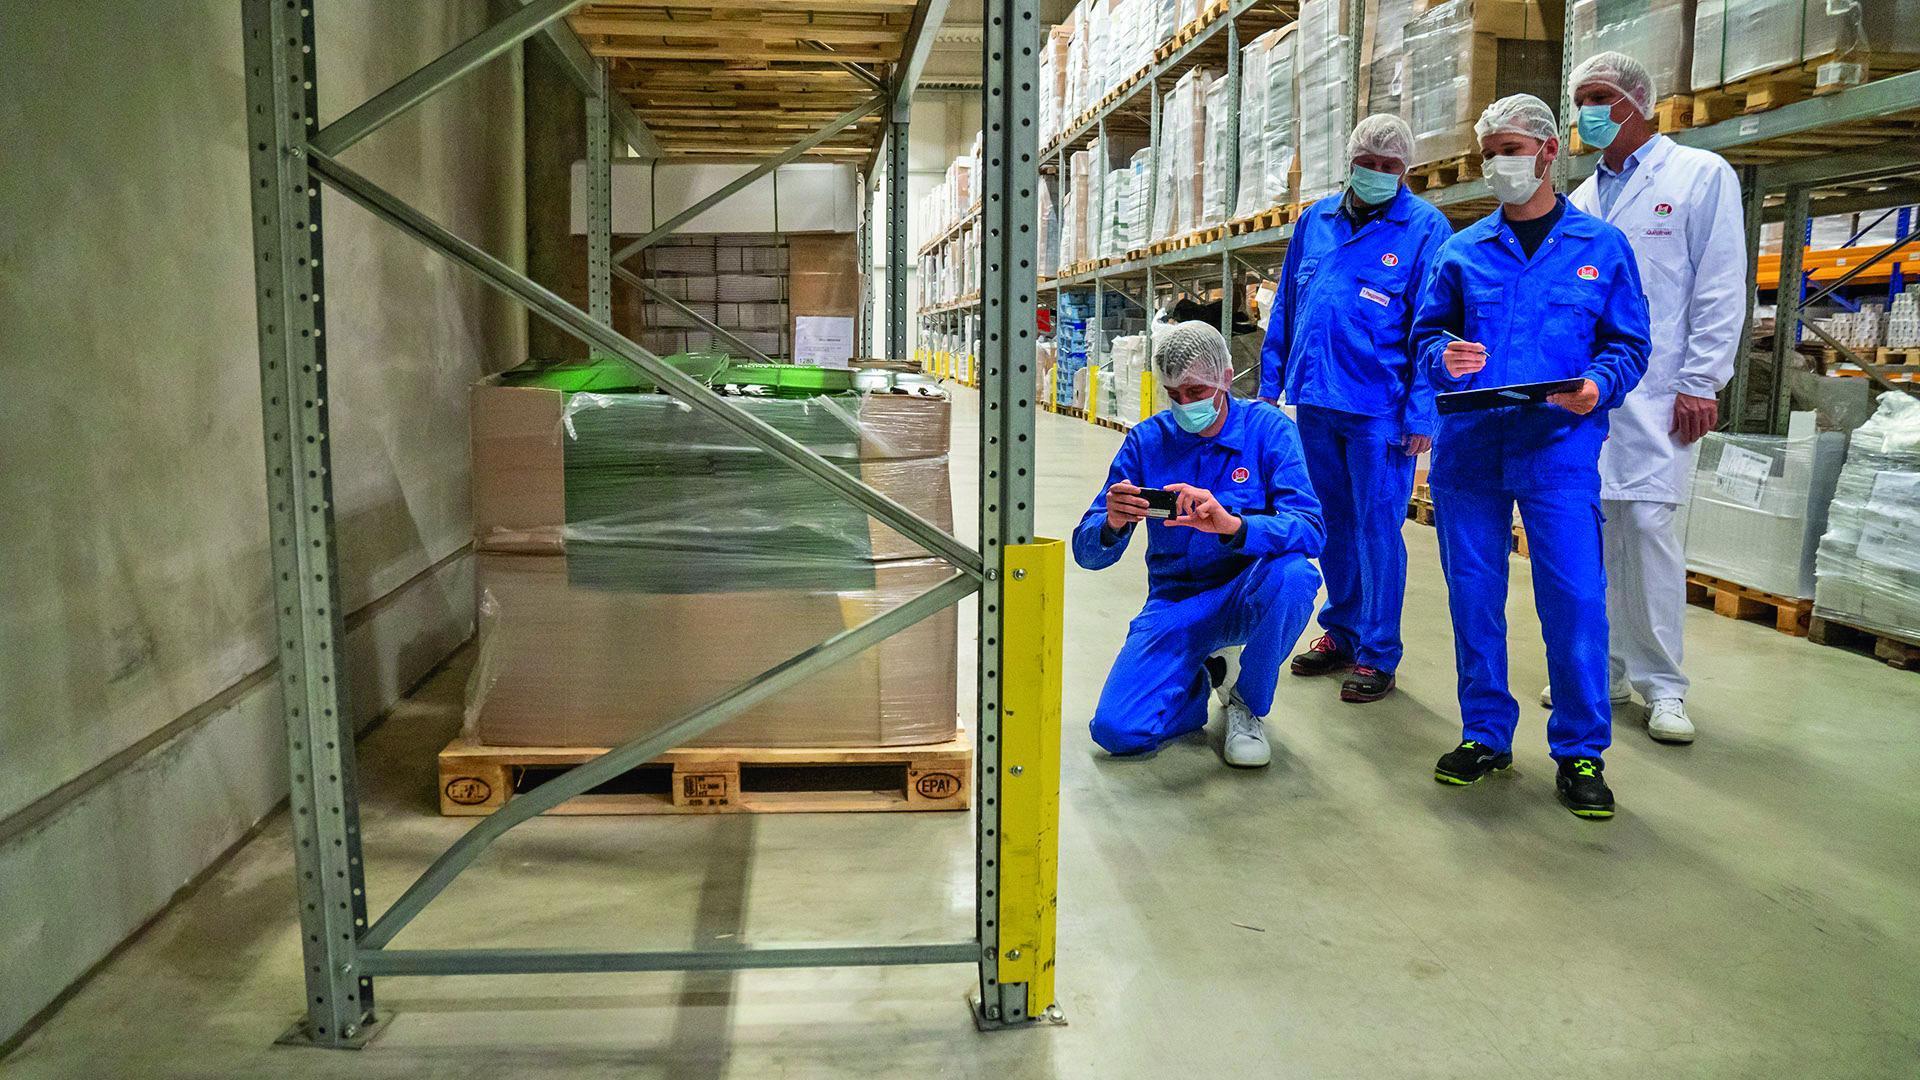 Vier Mitarbeiter in Schutzkleidung auf einem Rundgang in einer Lagerhalle, ein Mitarbeiter kniet und macht ein Foto.